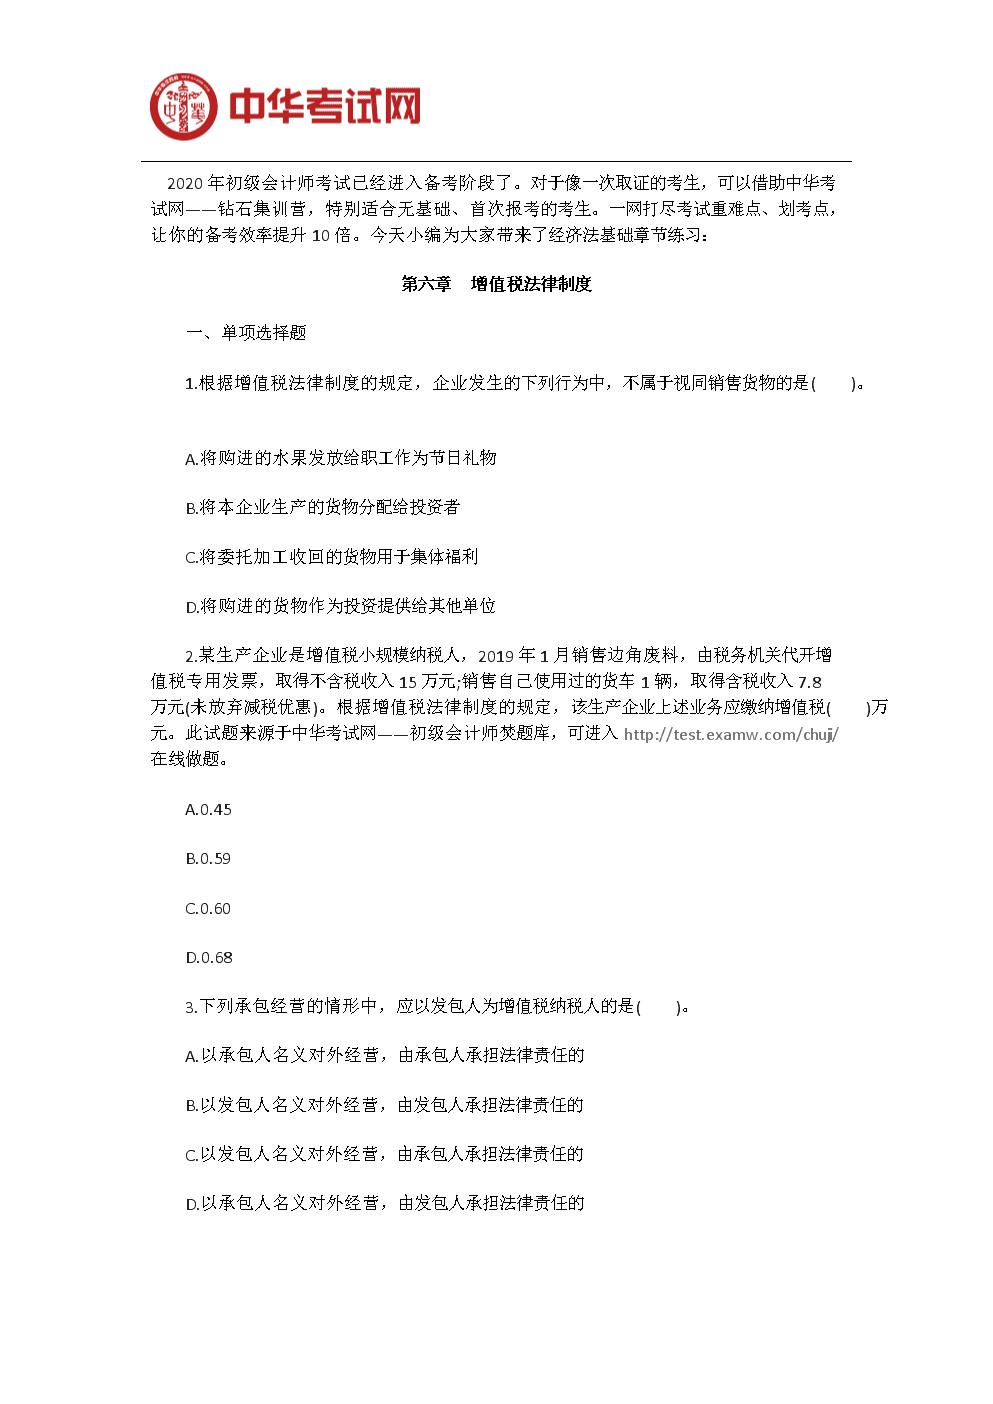 2019年初级会计师经济法基础章节练习六.doc